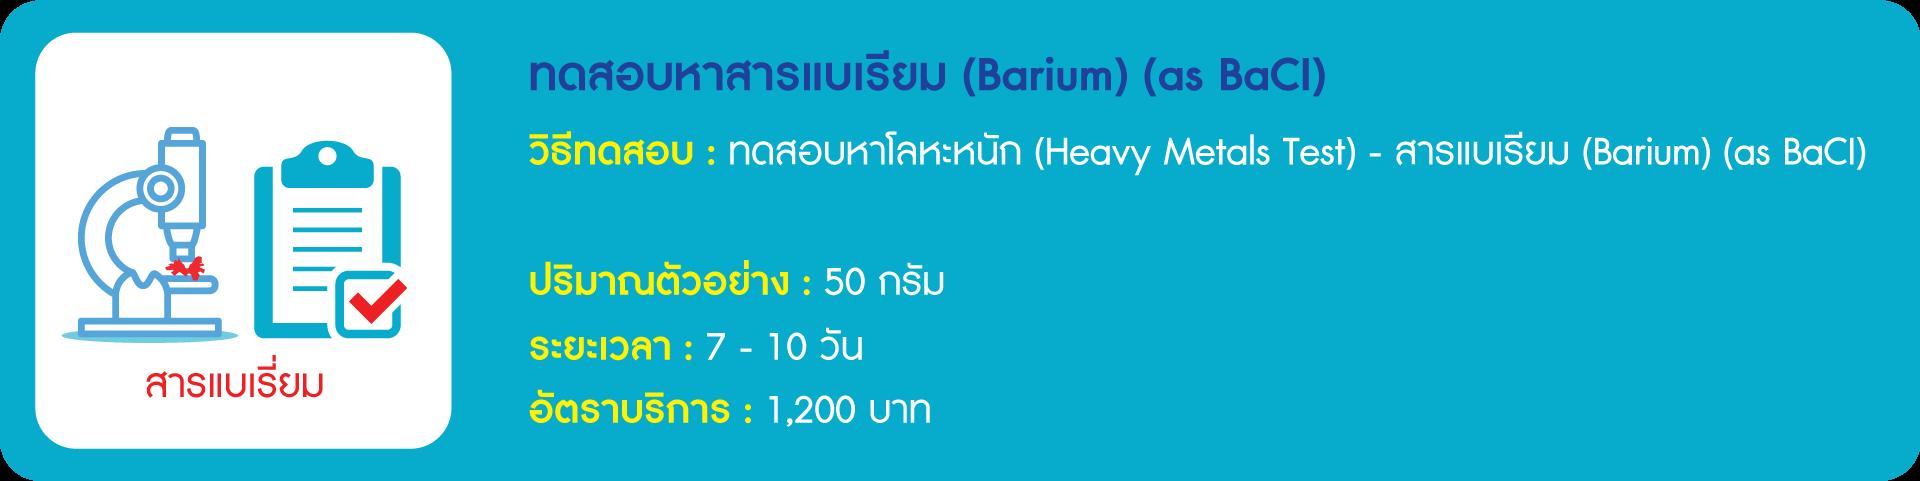 สารแบเรียม (Barium) (as BaCI)